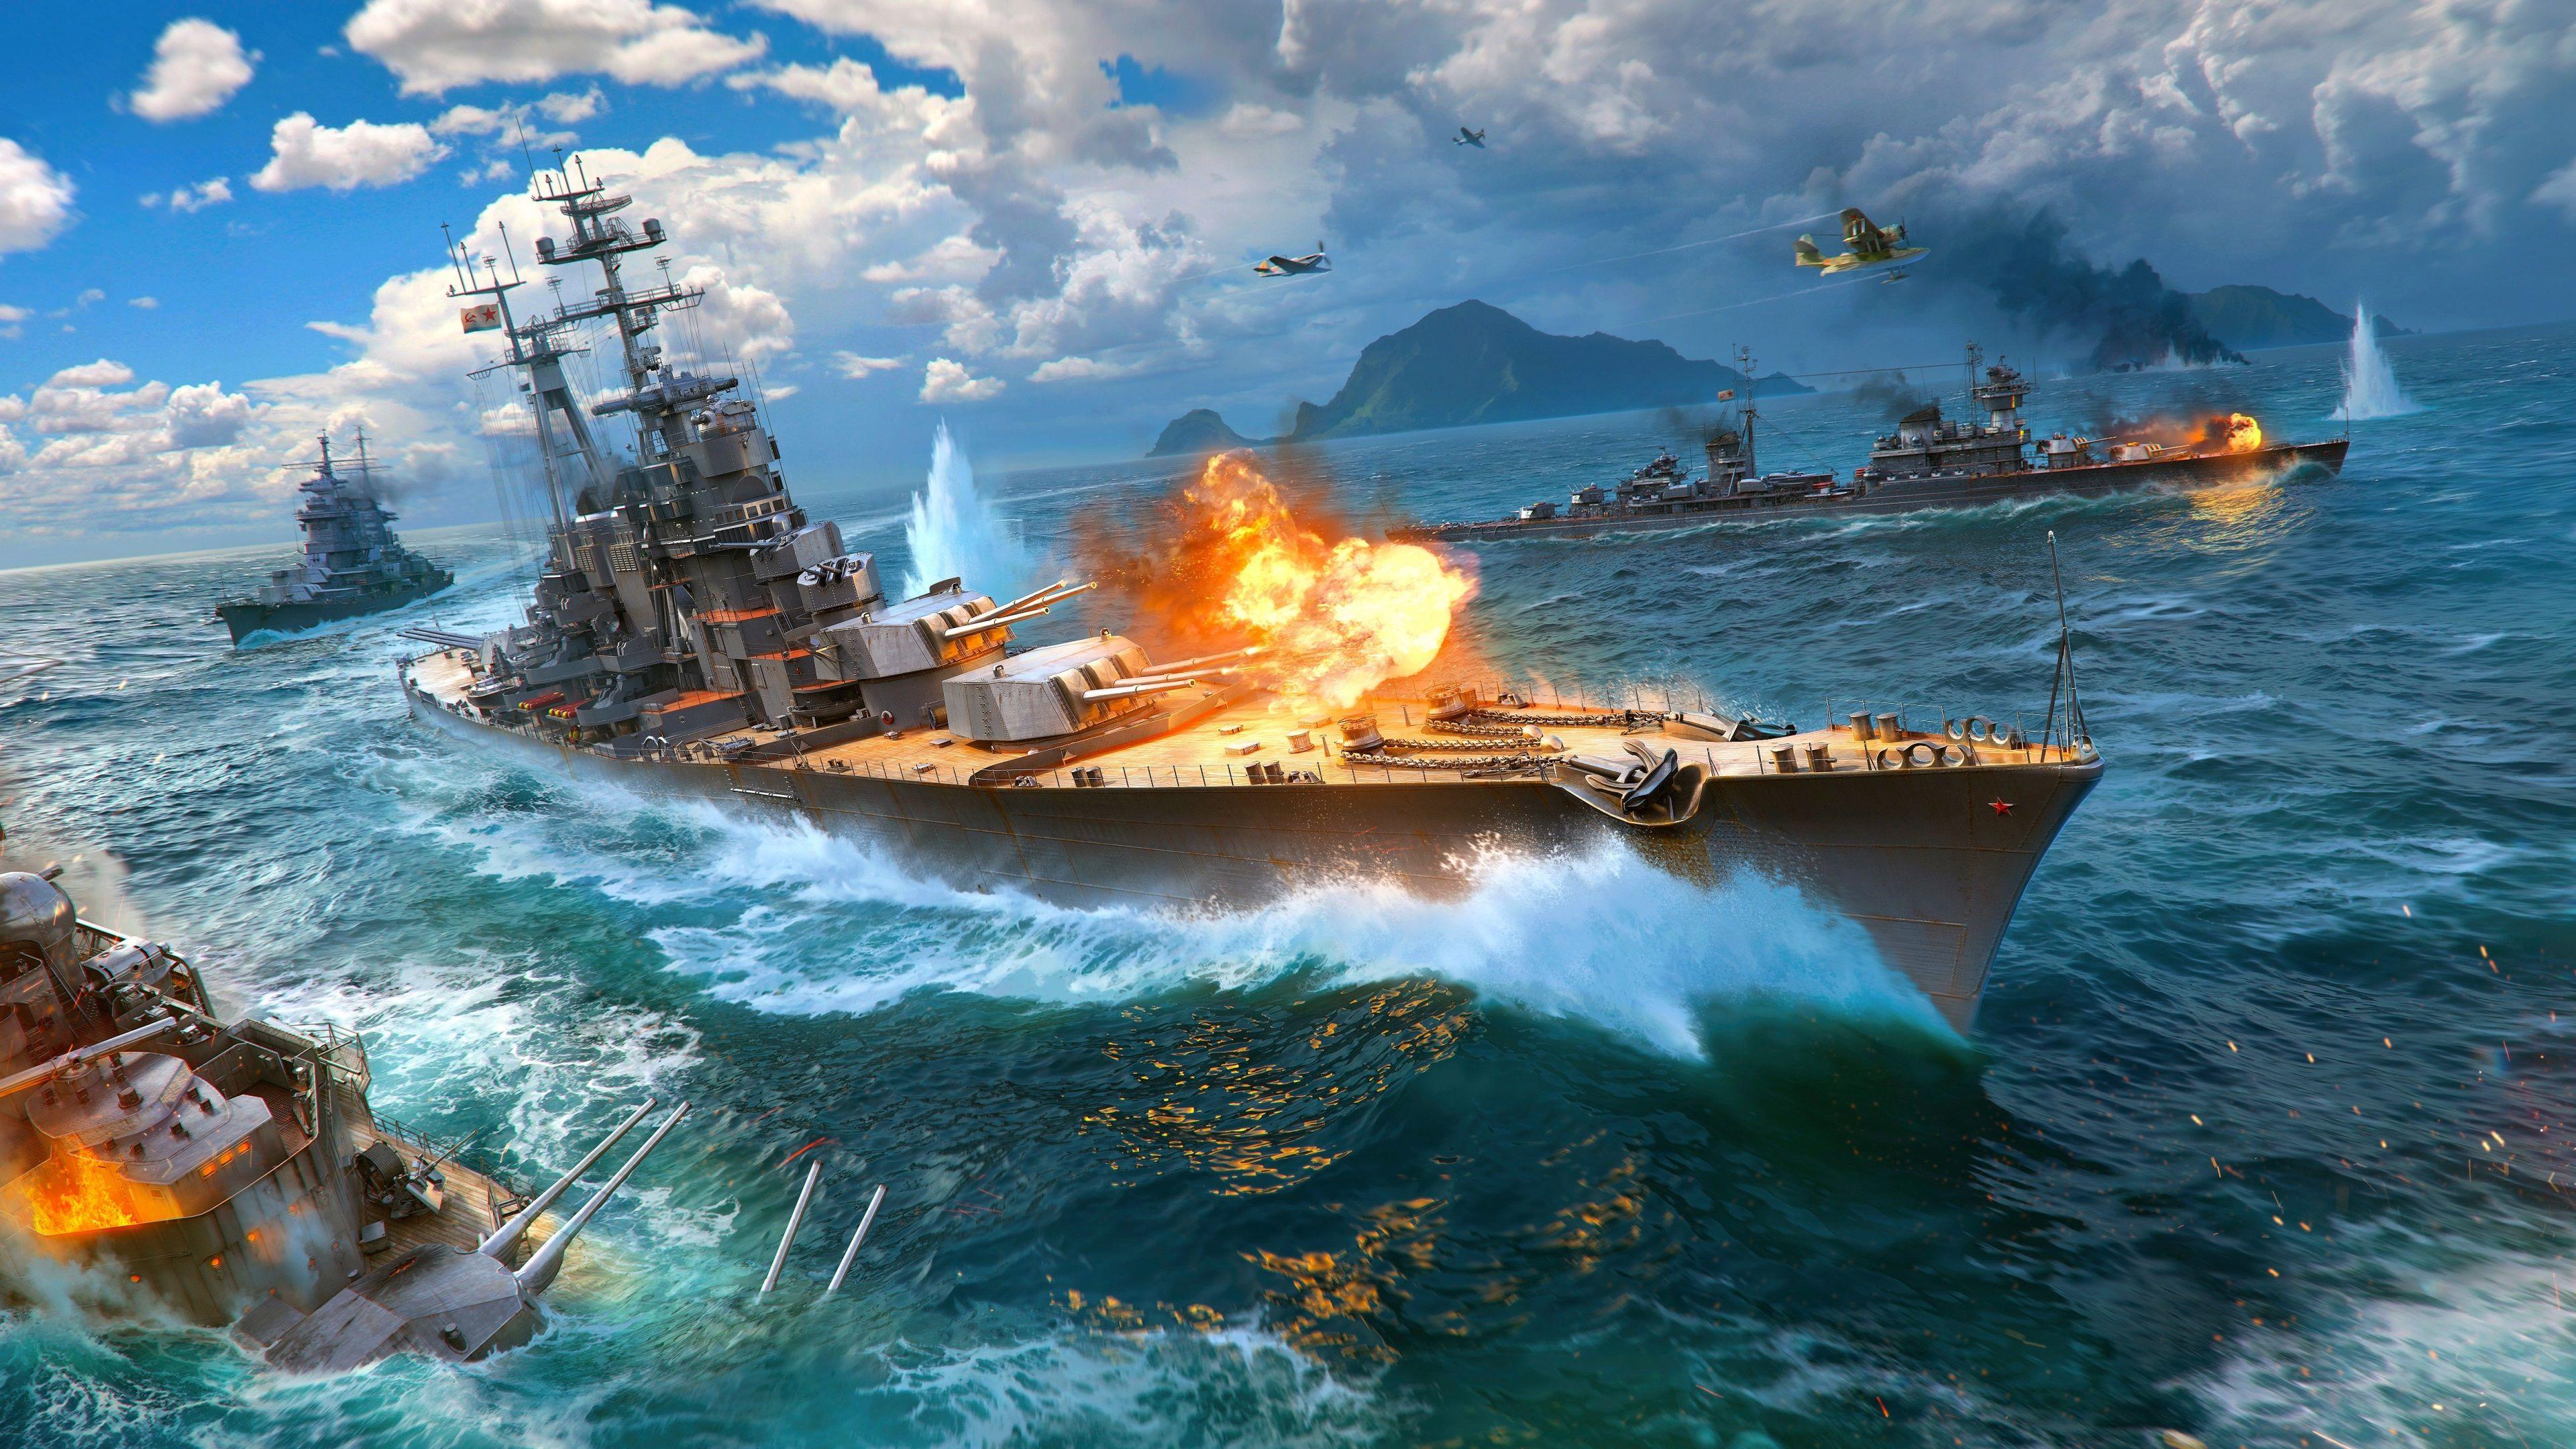 World Of Warships Battle 4k Ultra Hd Wallpaper World Of Warships Wallpaper Warship Warship Battle